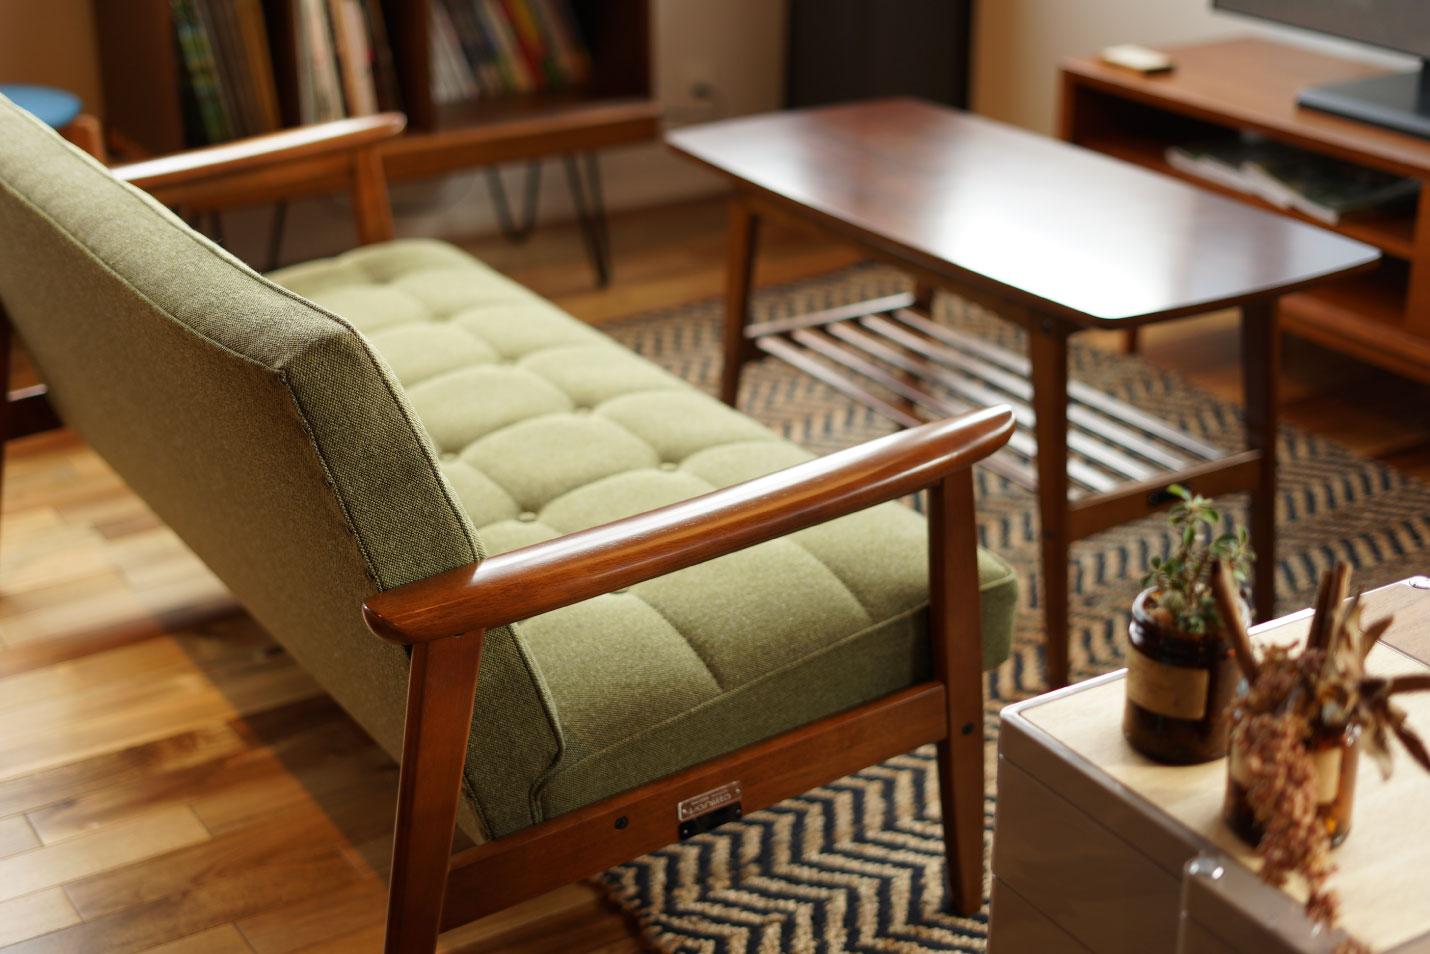 定番のブラウン系の家具とも良い組み合わせ